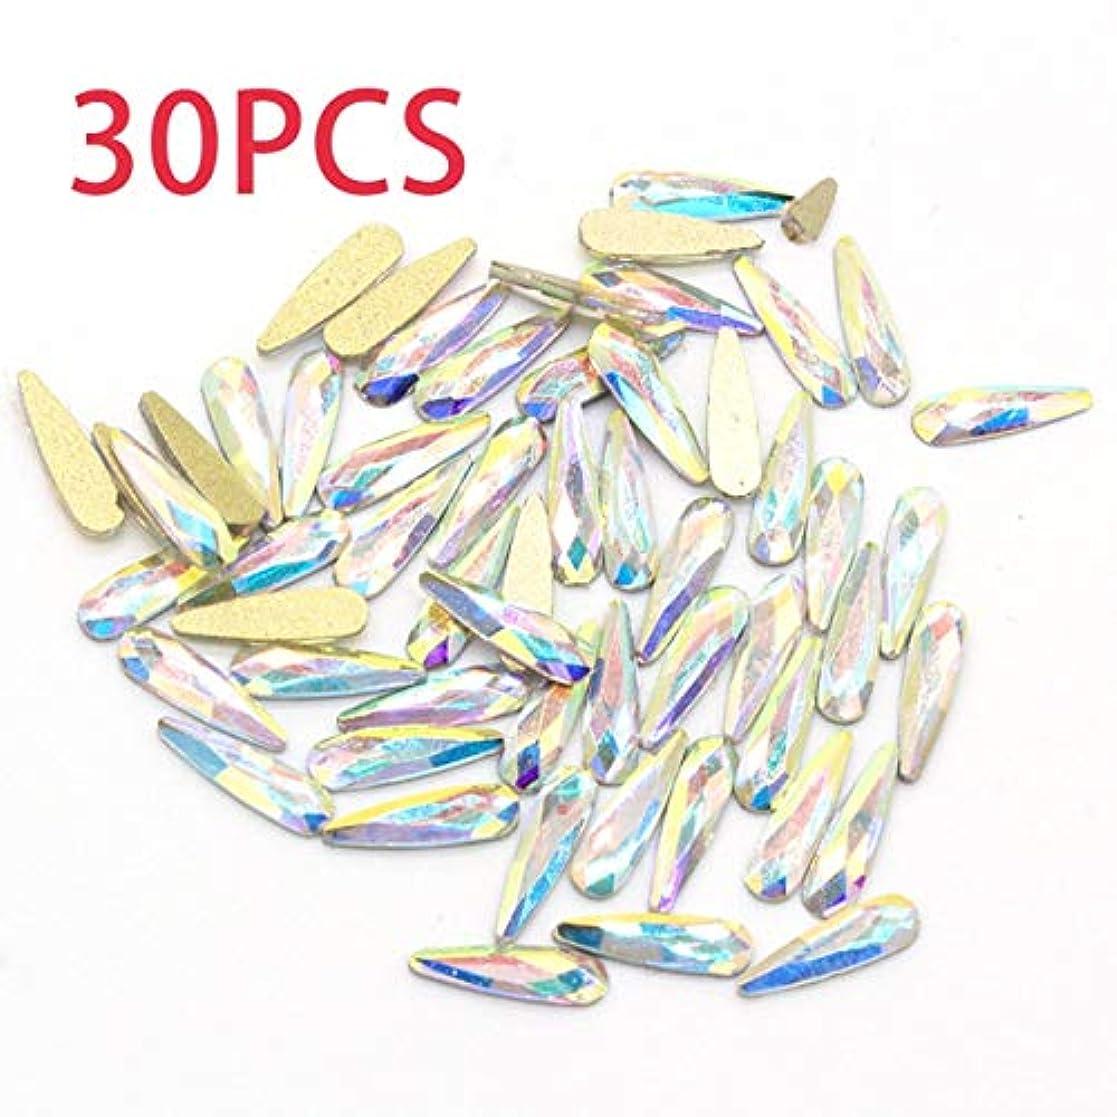 ディスパッチ容器領収書DeeploveUU ネイルクリスタル宝石用のラインストーンネイル3DネイルアートデコレーションフラットバックドロップガラスストラスストーンジュエリーABダイヤモンドDIY